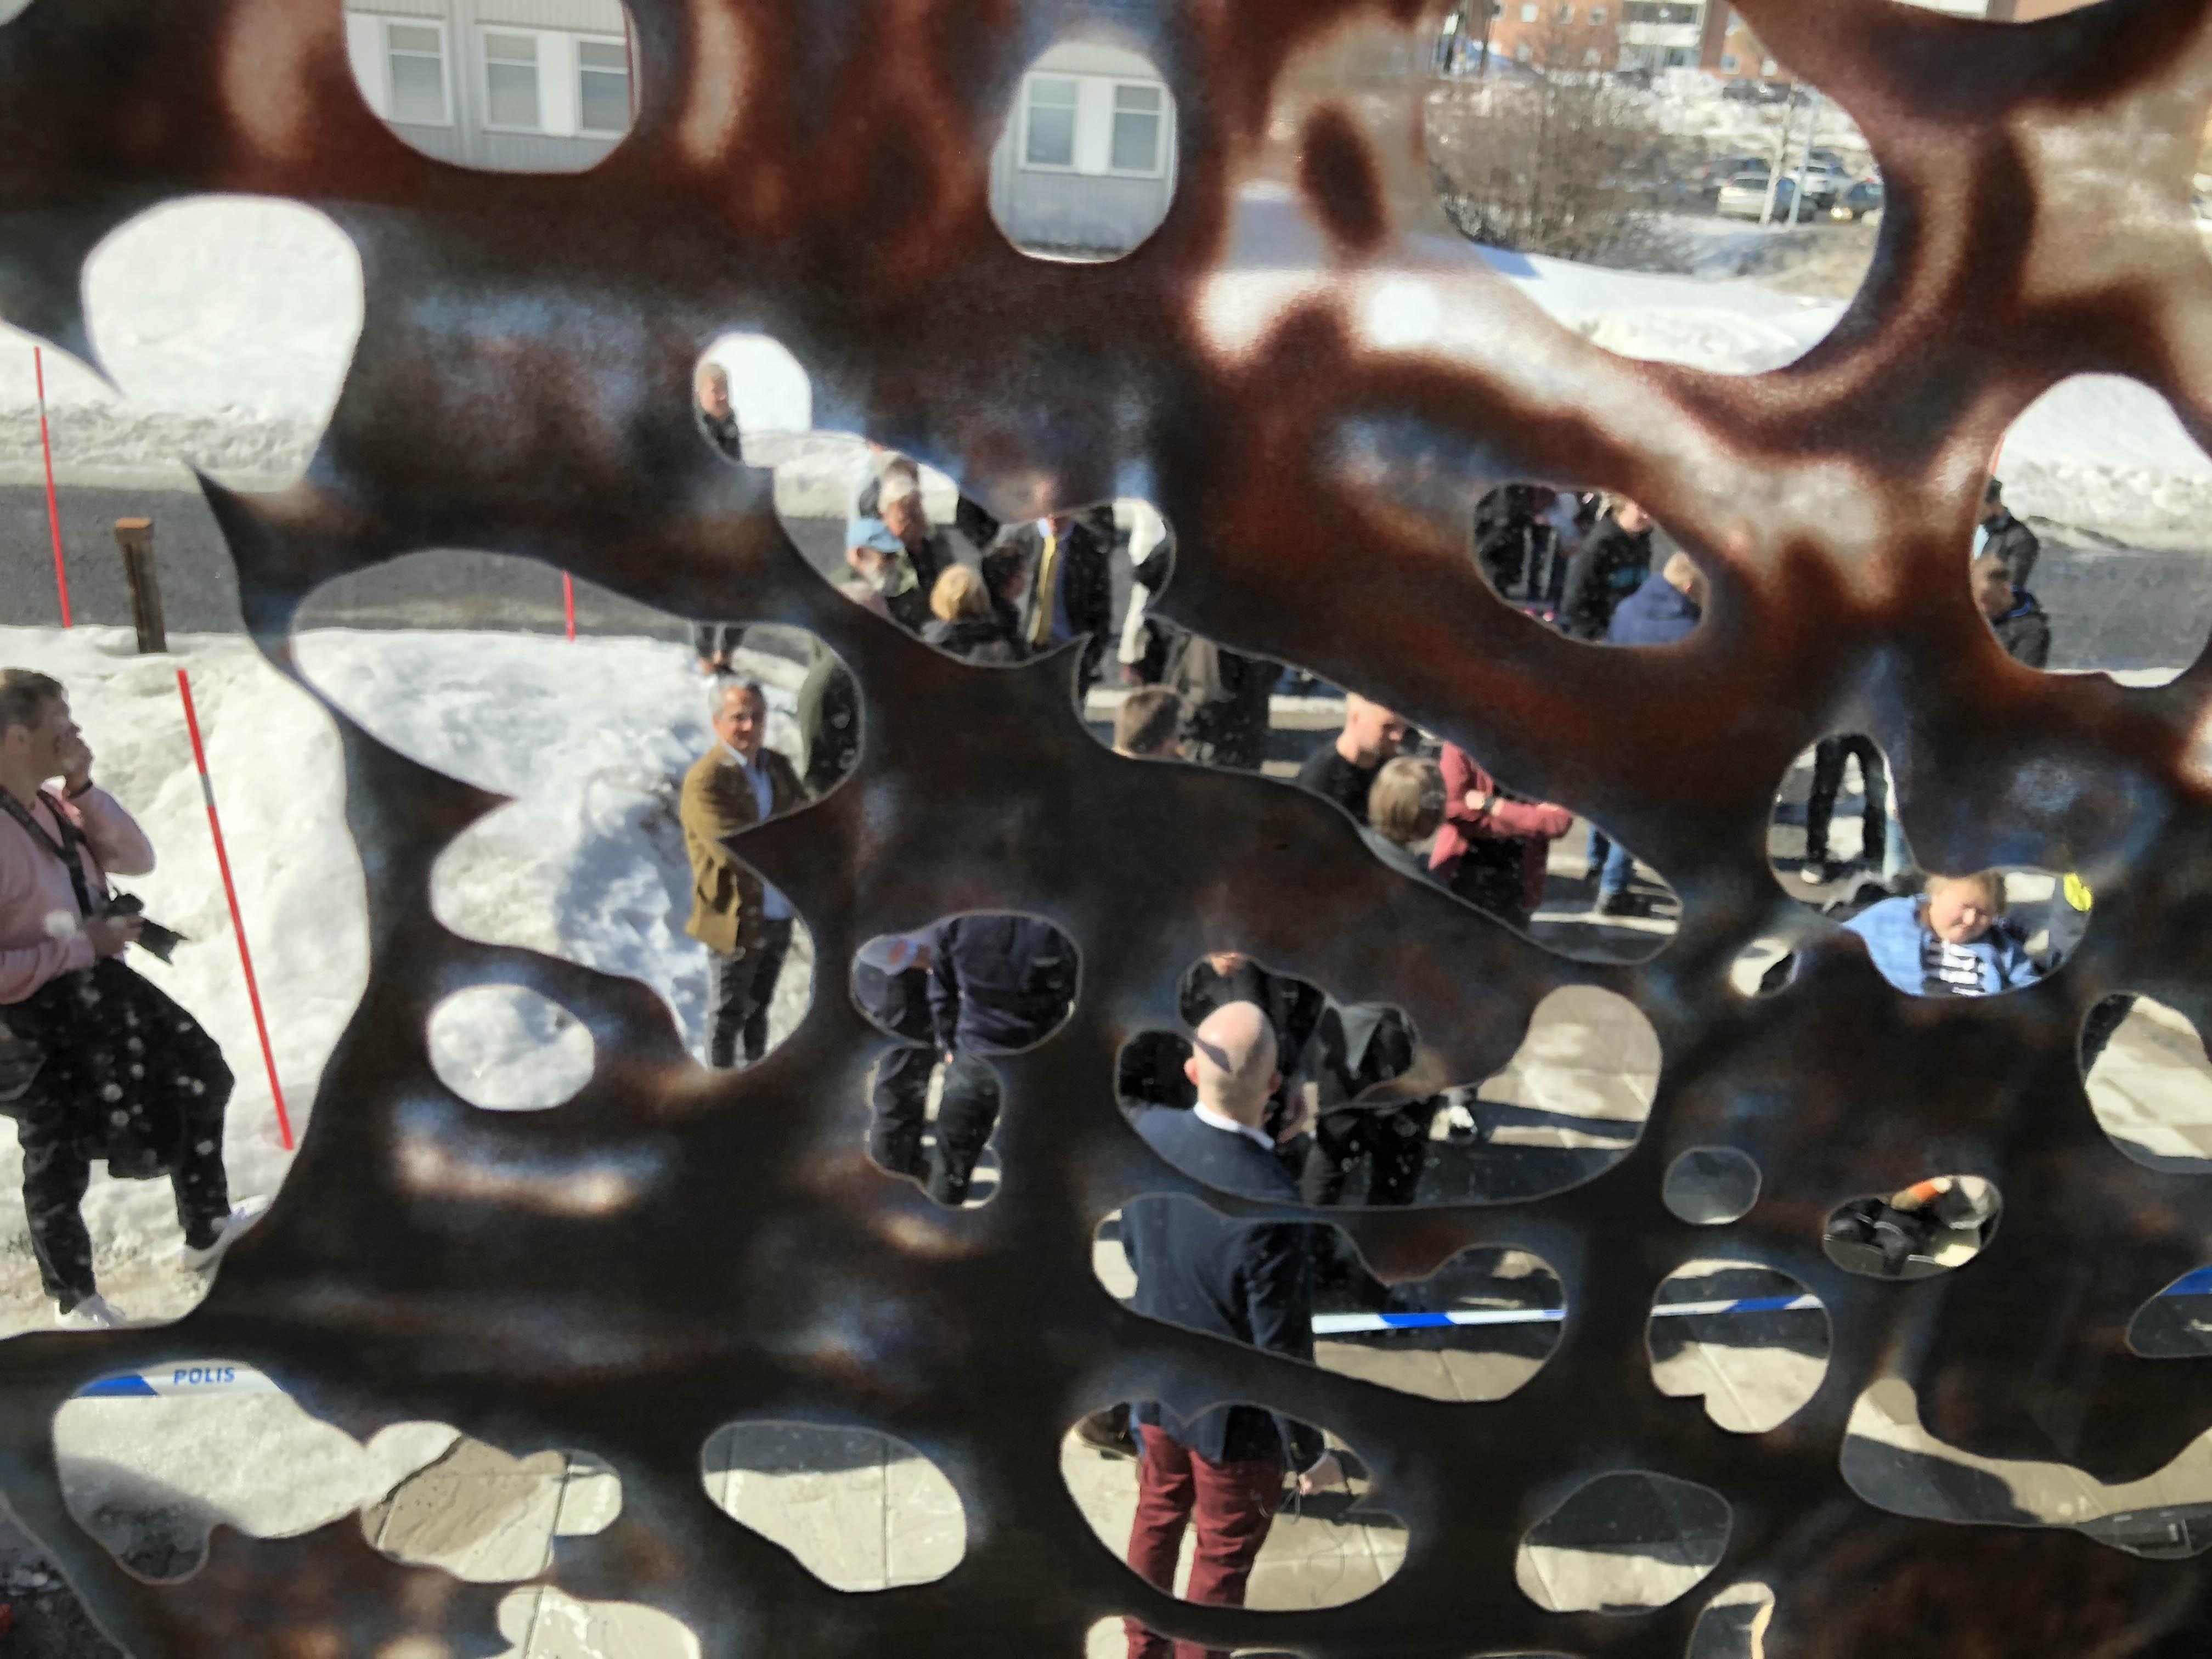 Detalj från glasfasad där man ser människor samlade utanför huset.